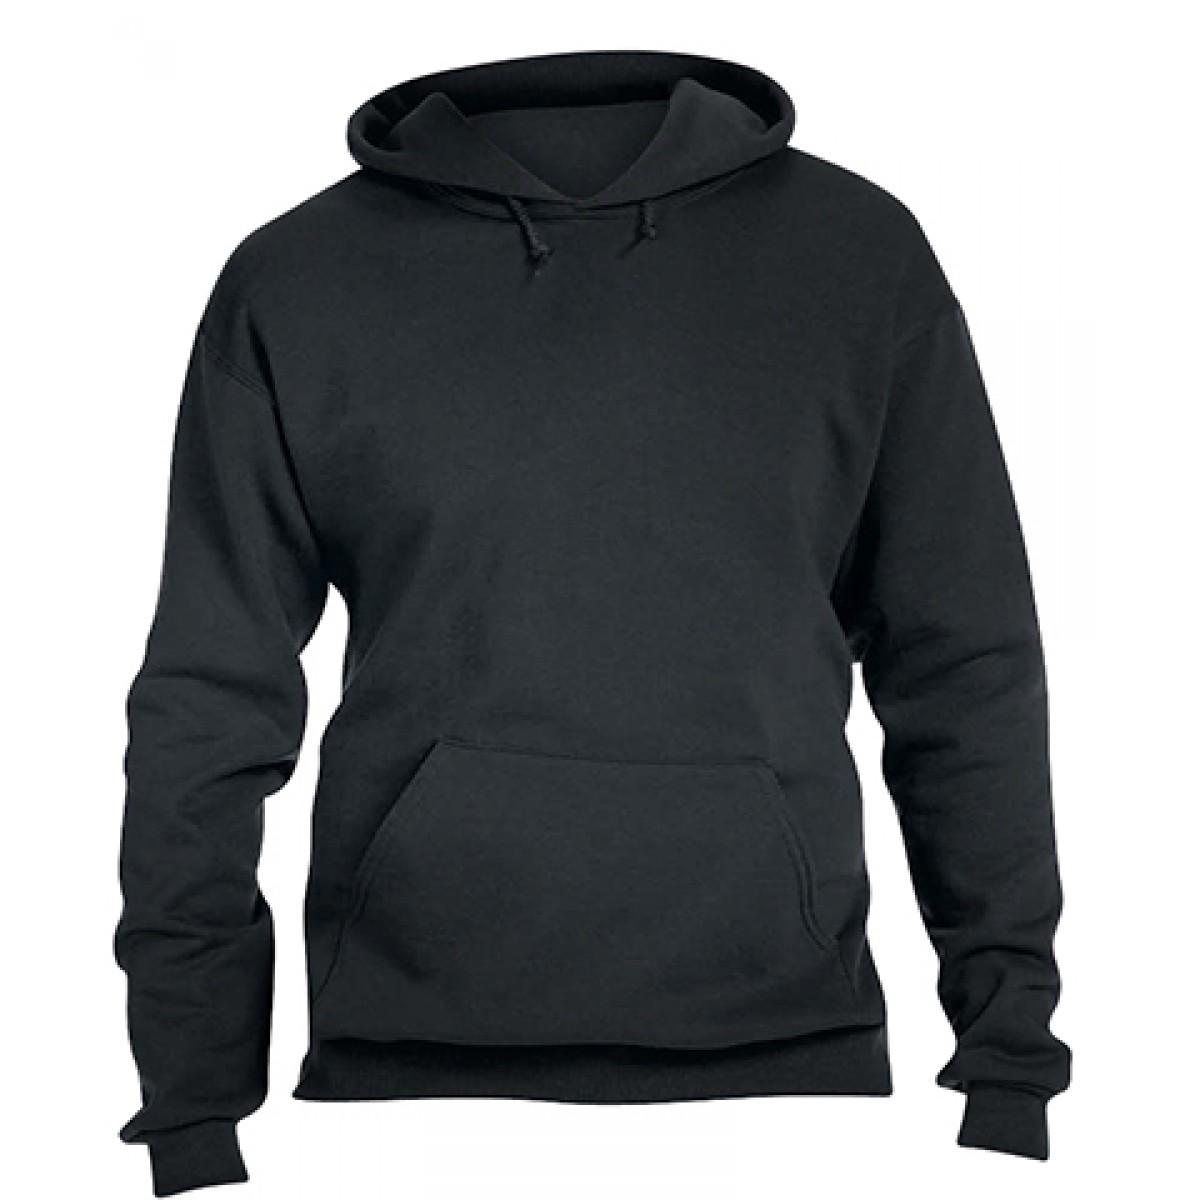 Pullover Hood 50/50 Preshrunk Fleece-Black-2XL